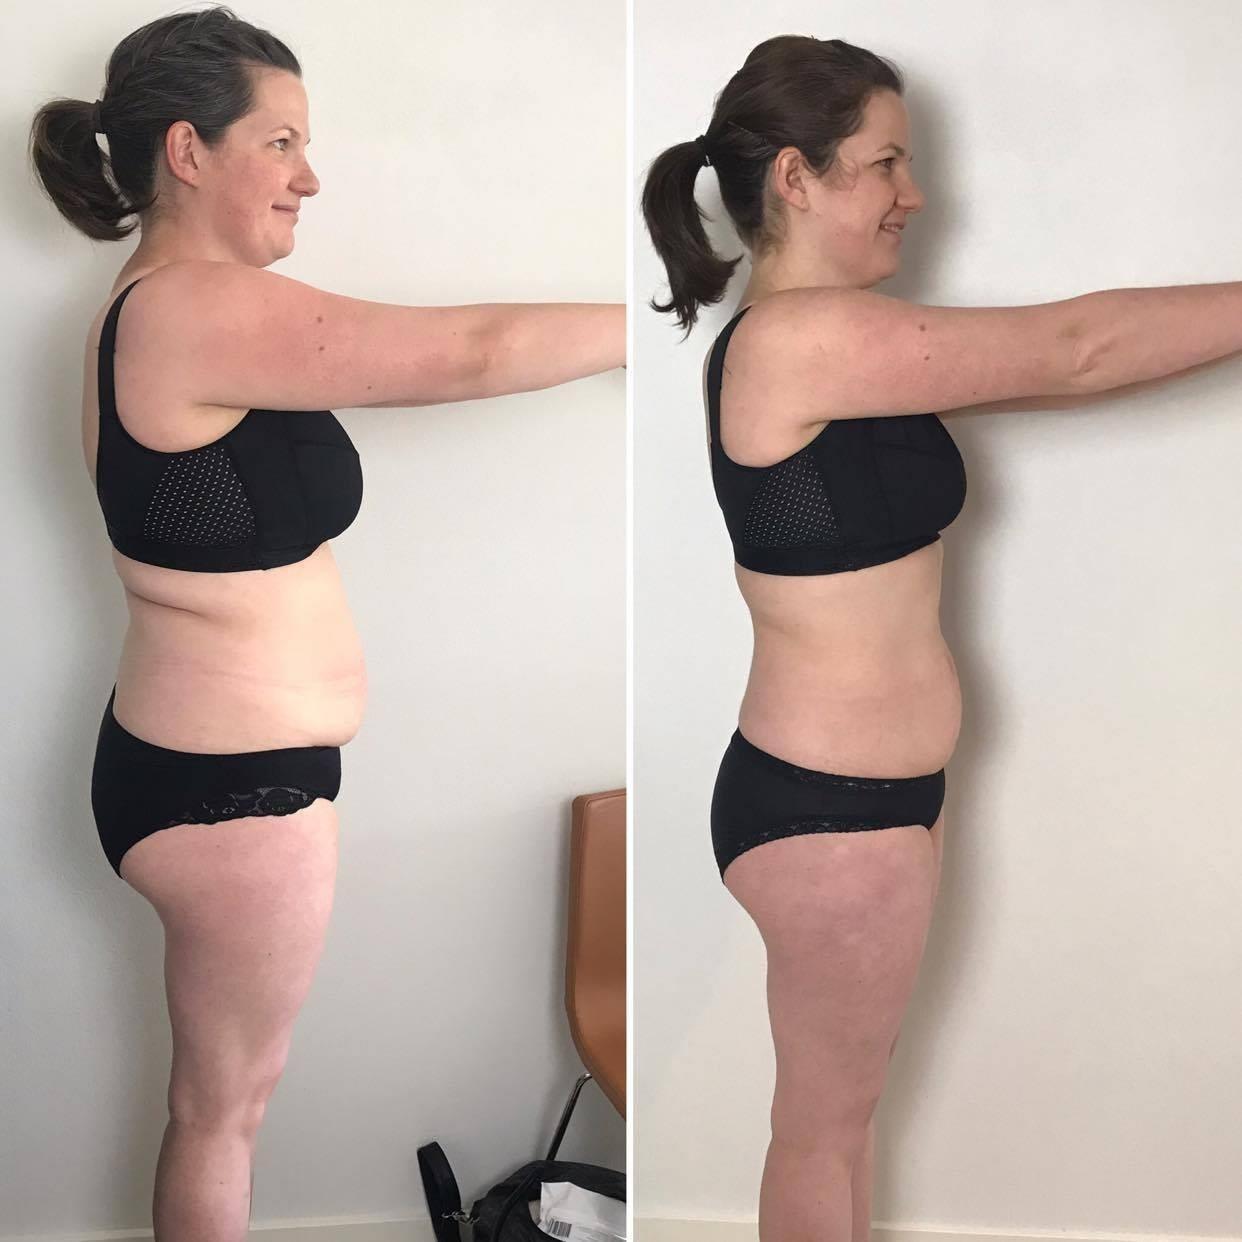 Før- og efterbillede af Christine der har tabt 8 kilo